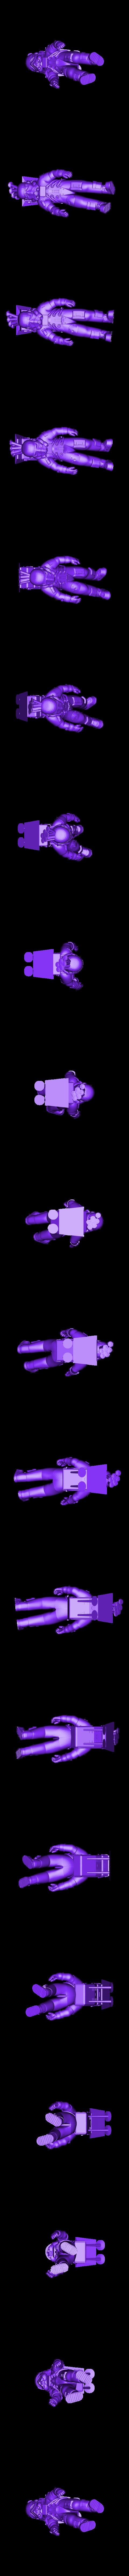 Stormtrooper_Apollo_Astronaut_.stl Télécharger fichier STL gratuit L'astronaute stormtrooper • Plan pour imprimante 3D, Pwenyrr